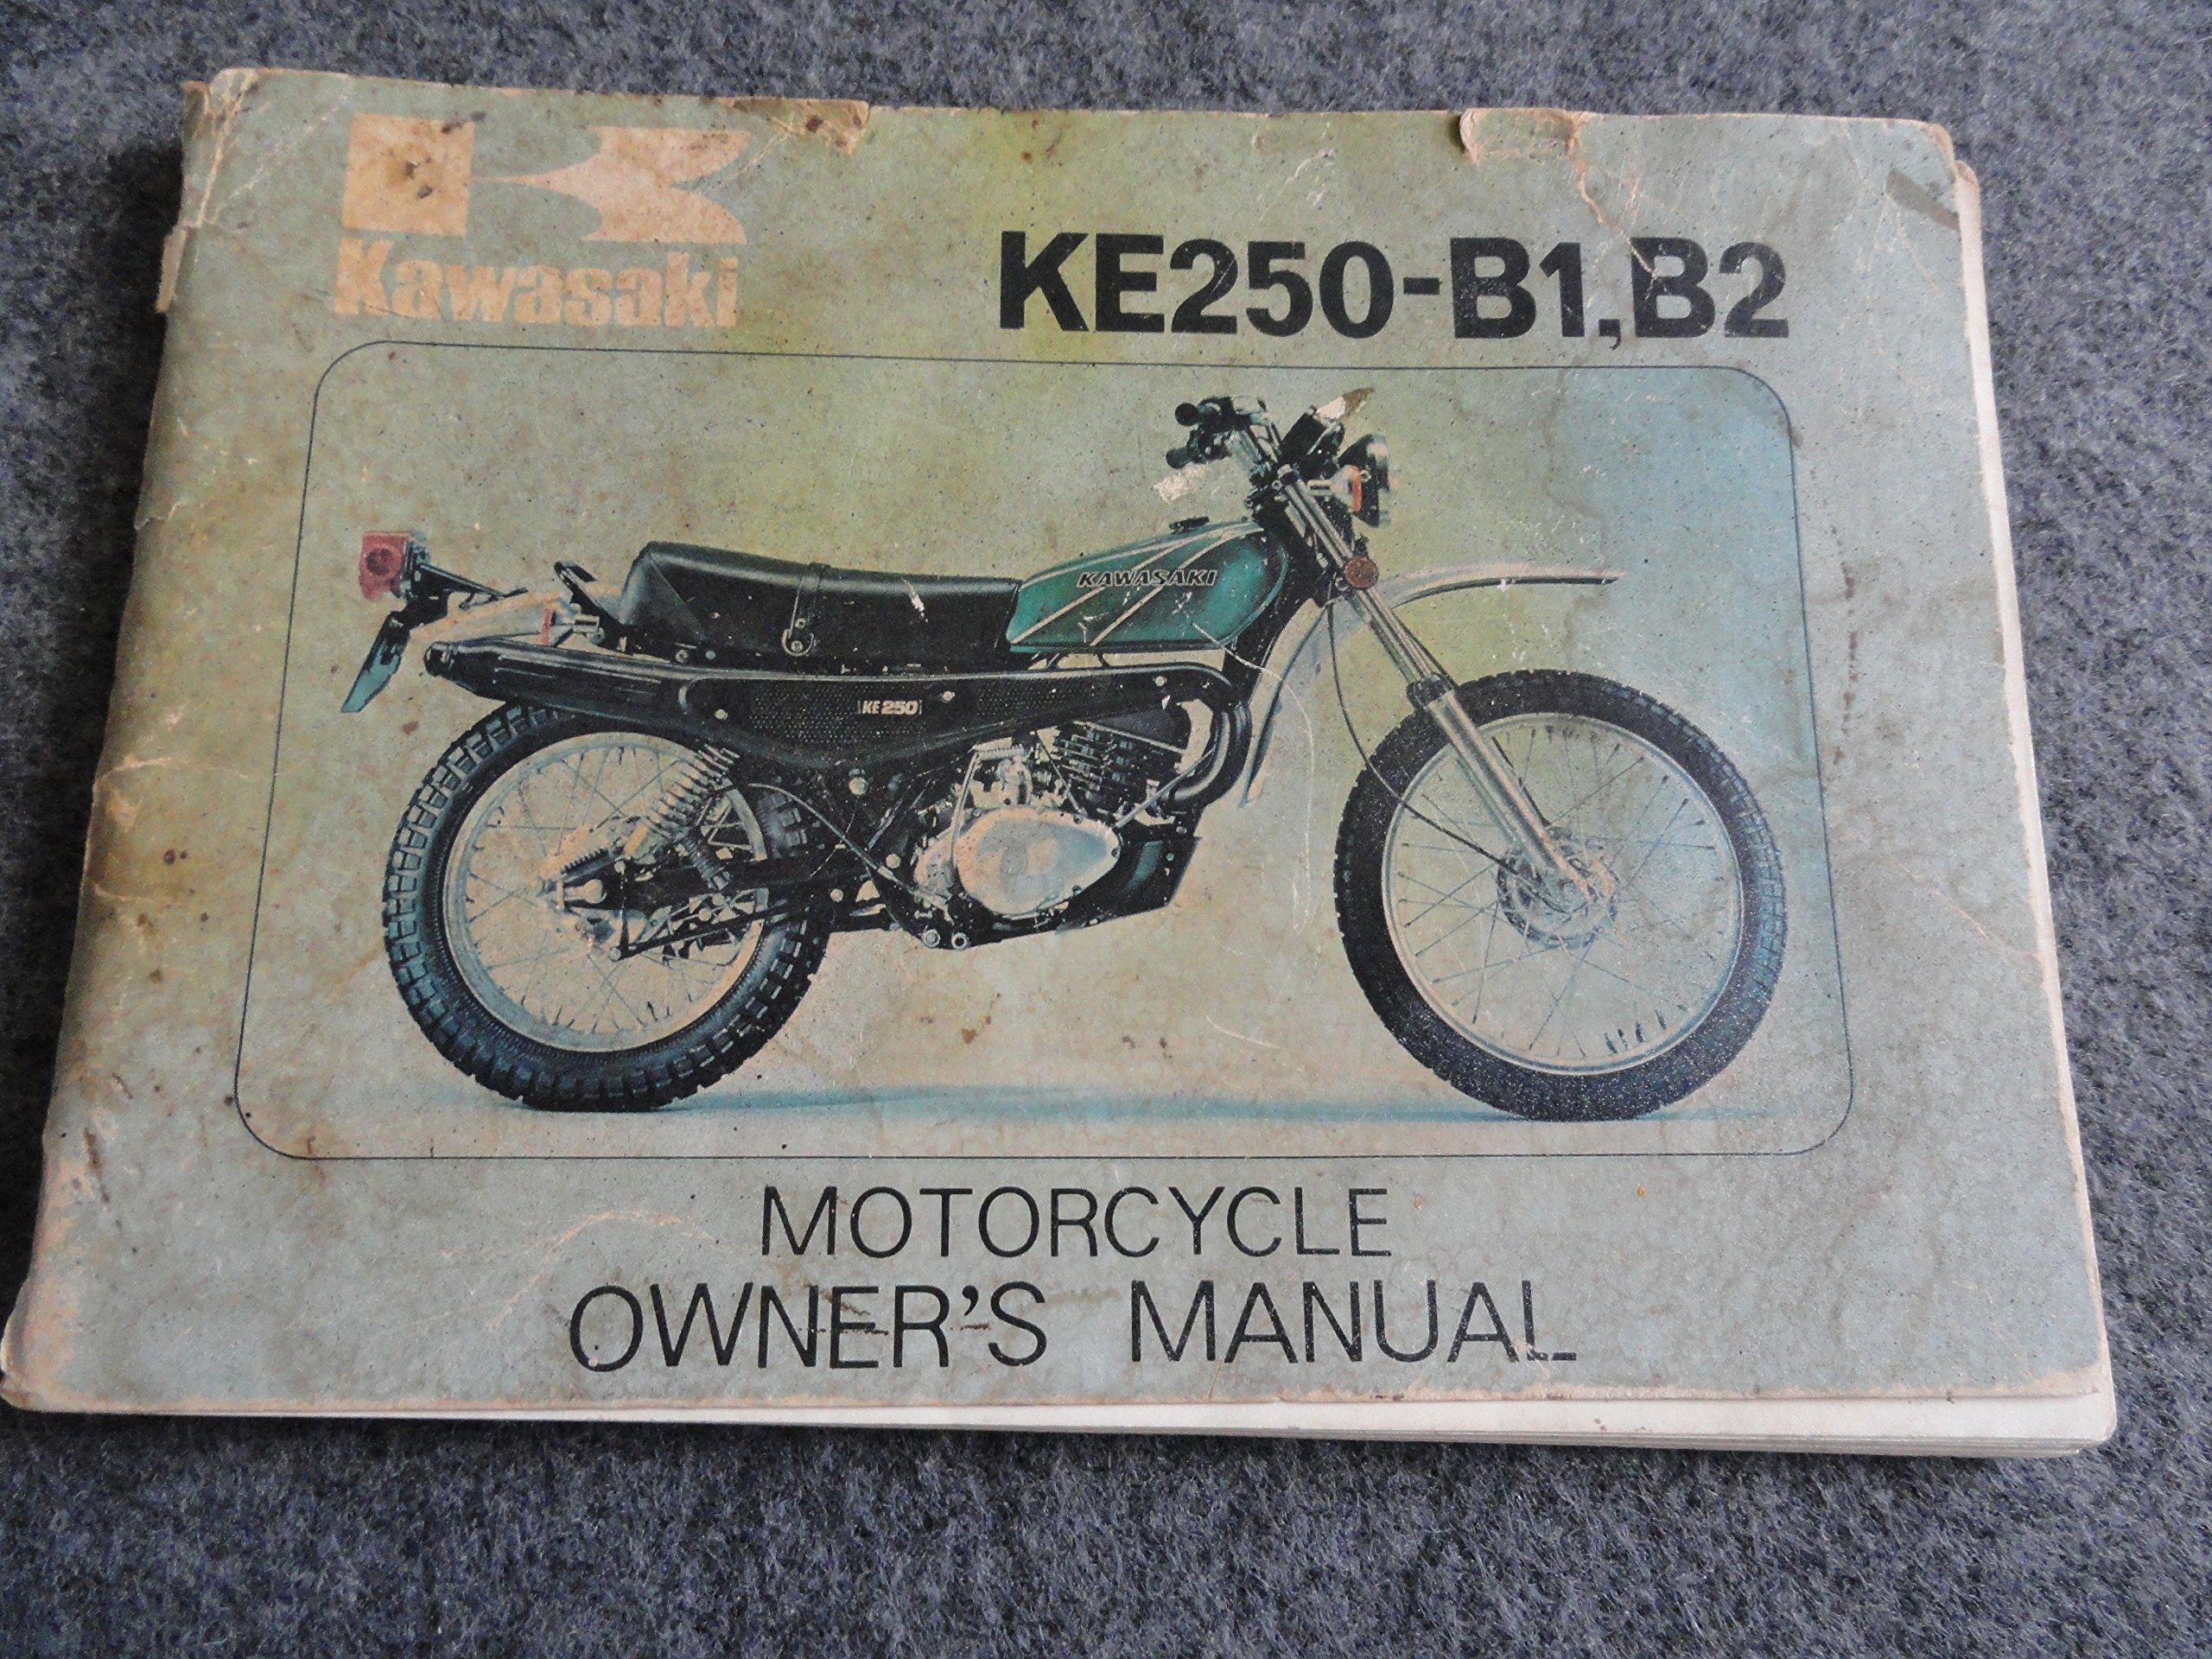 1976 1977 1978 Kawasaki KE250 Owners Manual KE 250 B1 B2: Kawasaki:  Amazon.com: Books